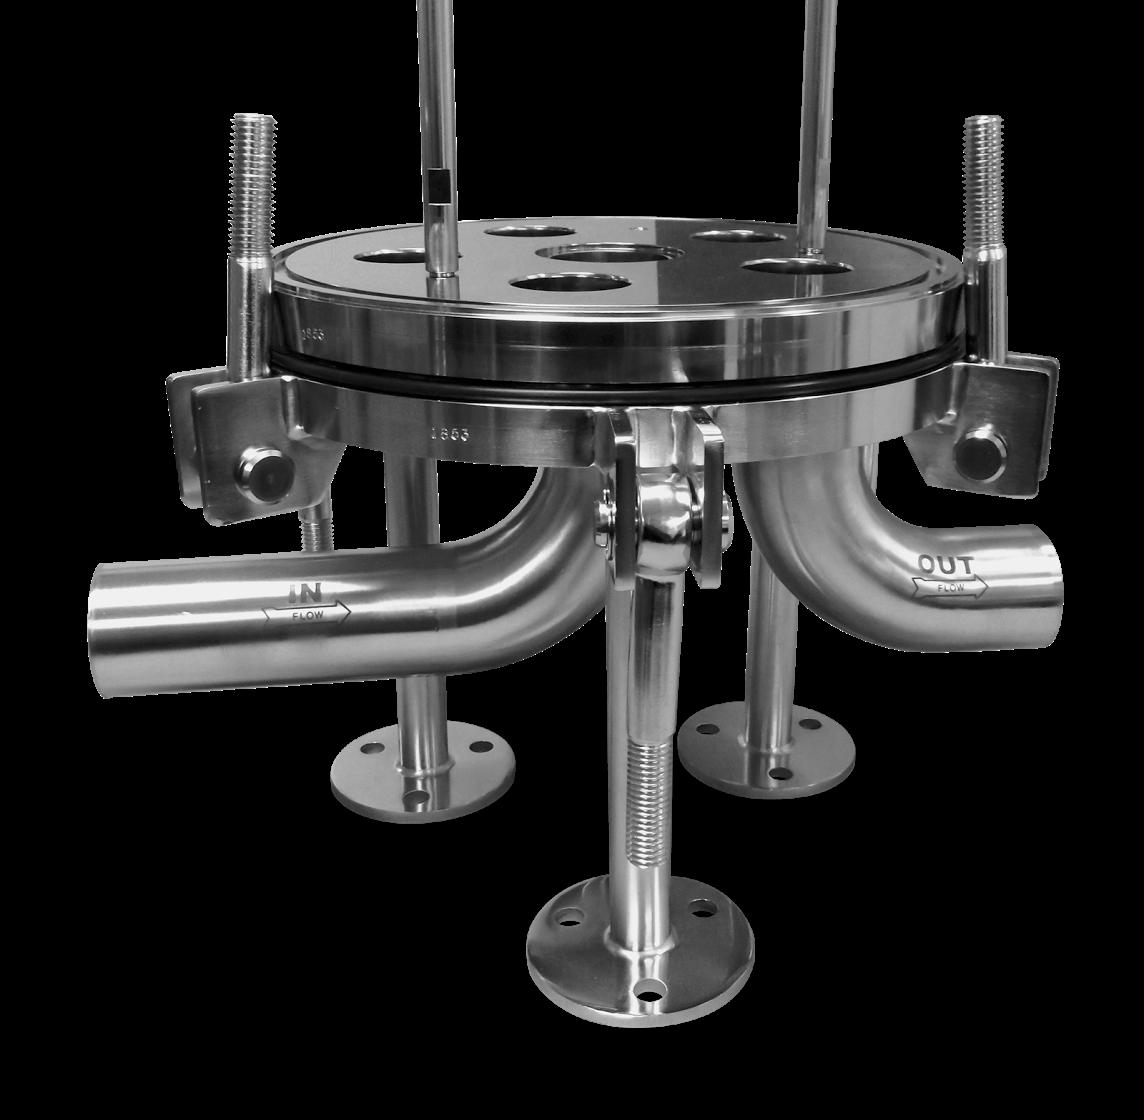 5 round filter housing base